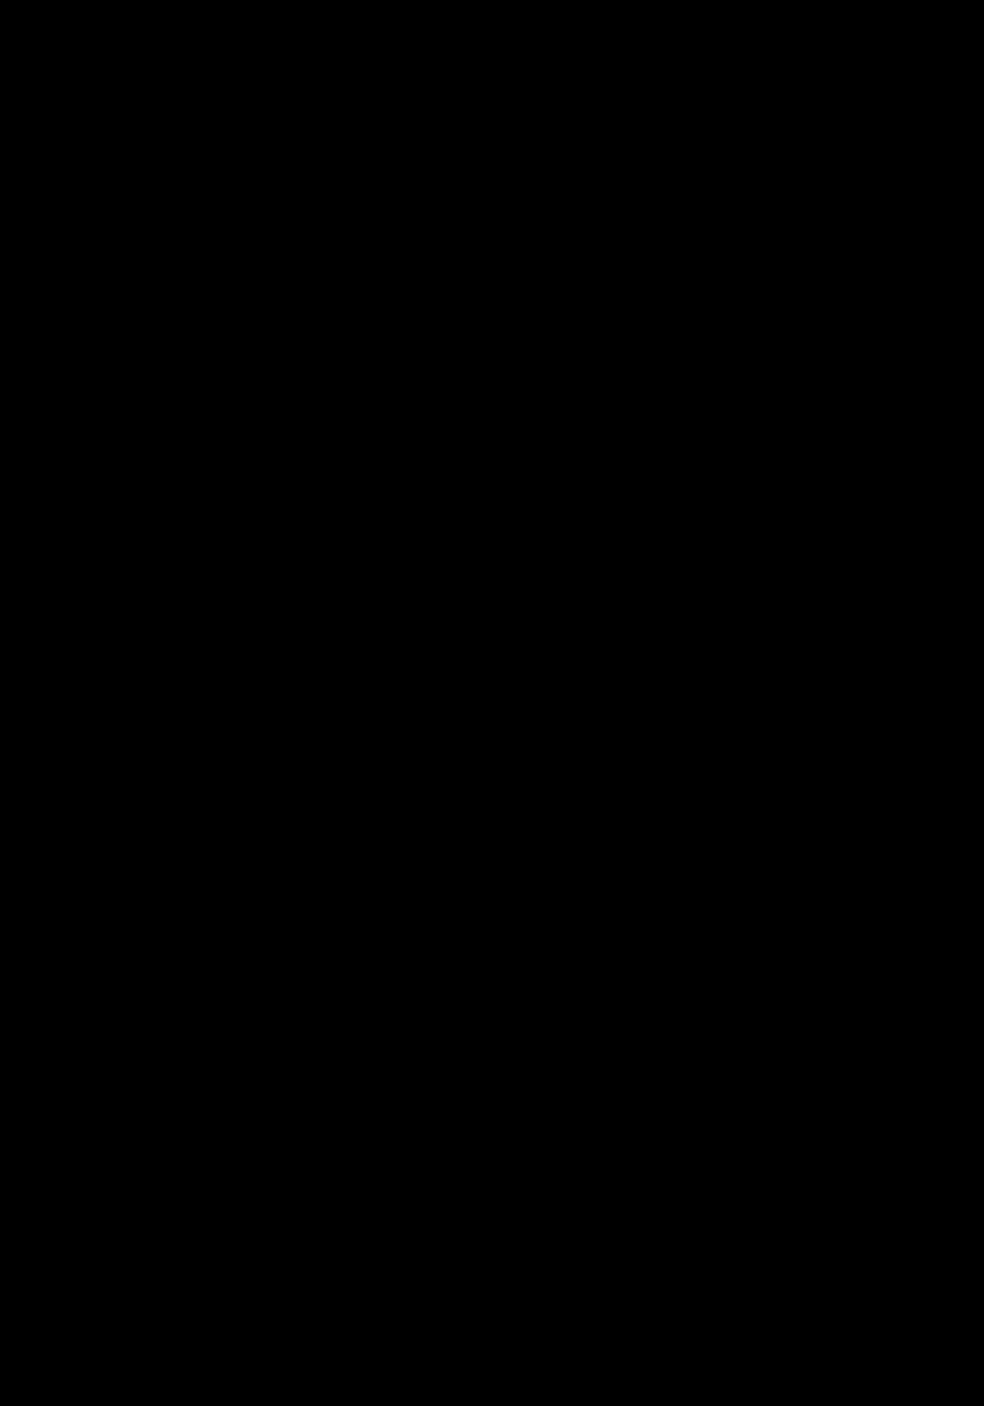 石井太明朝 オールドスタイル大がな BM-A-OKL 縦組見本